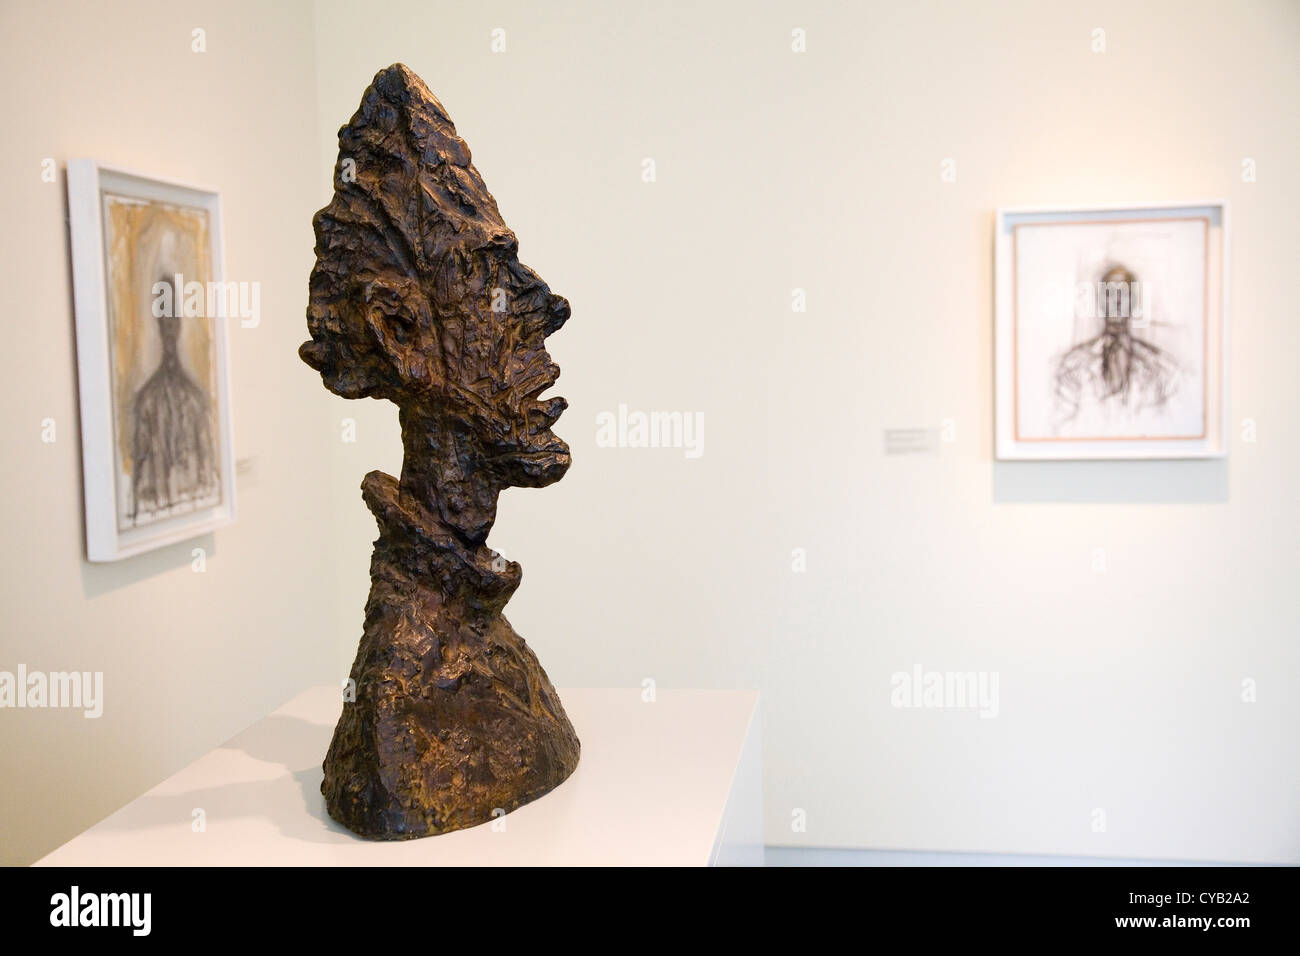 L'Europa, la Svizzera, Zurigo, Kunsthaus, museo d'arte, di scultura di alberto giacometti Immagini Stock